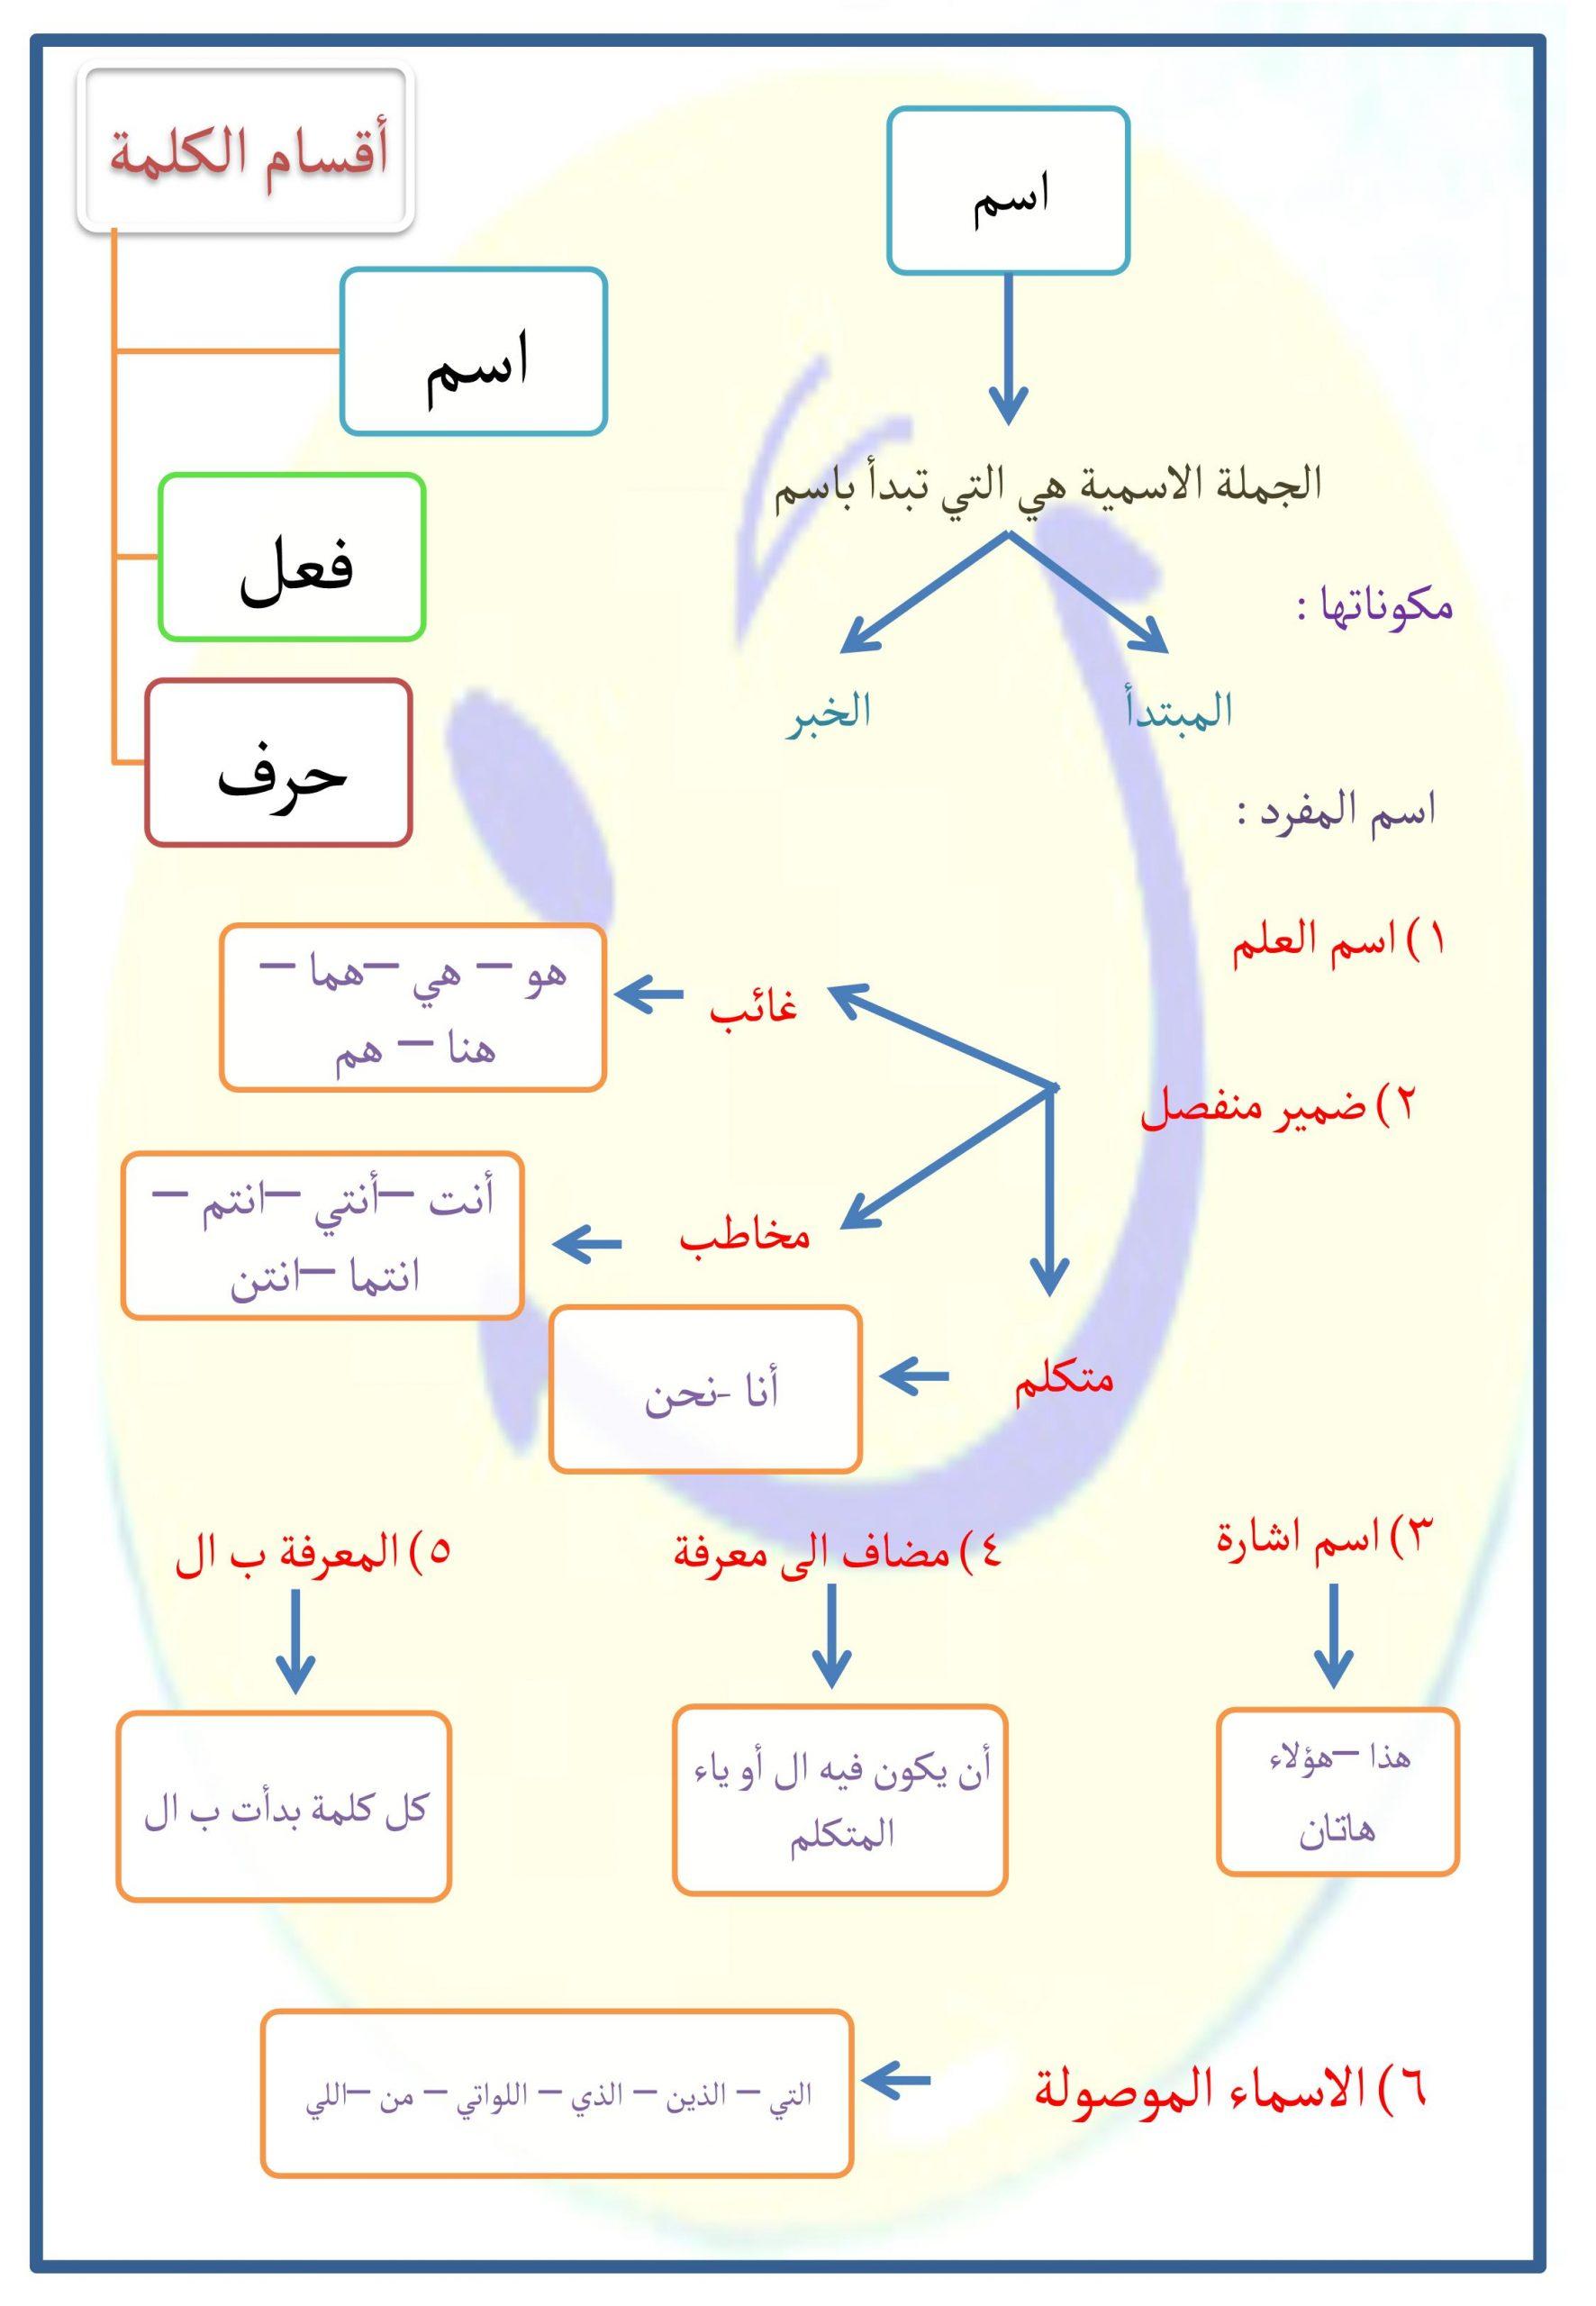 شرح درس اقسام الكلام واشكال الخبر الصف الرابع مادة اللغة العربية